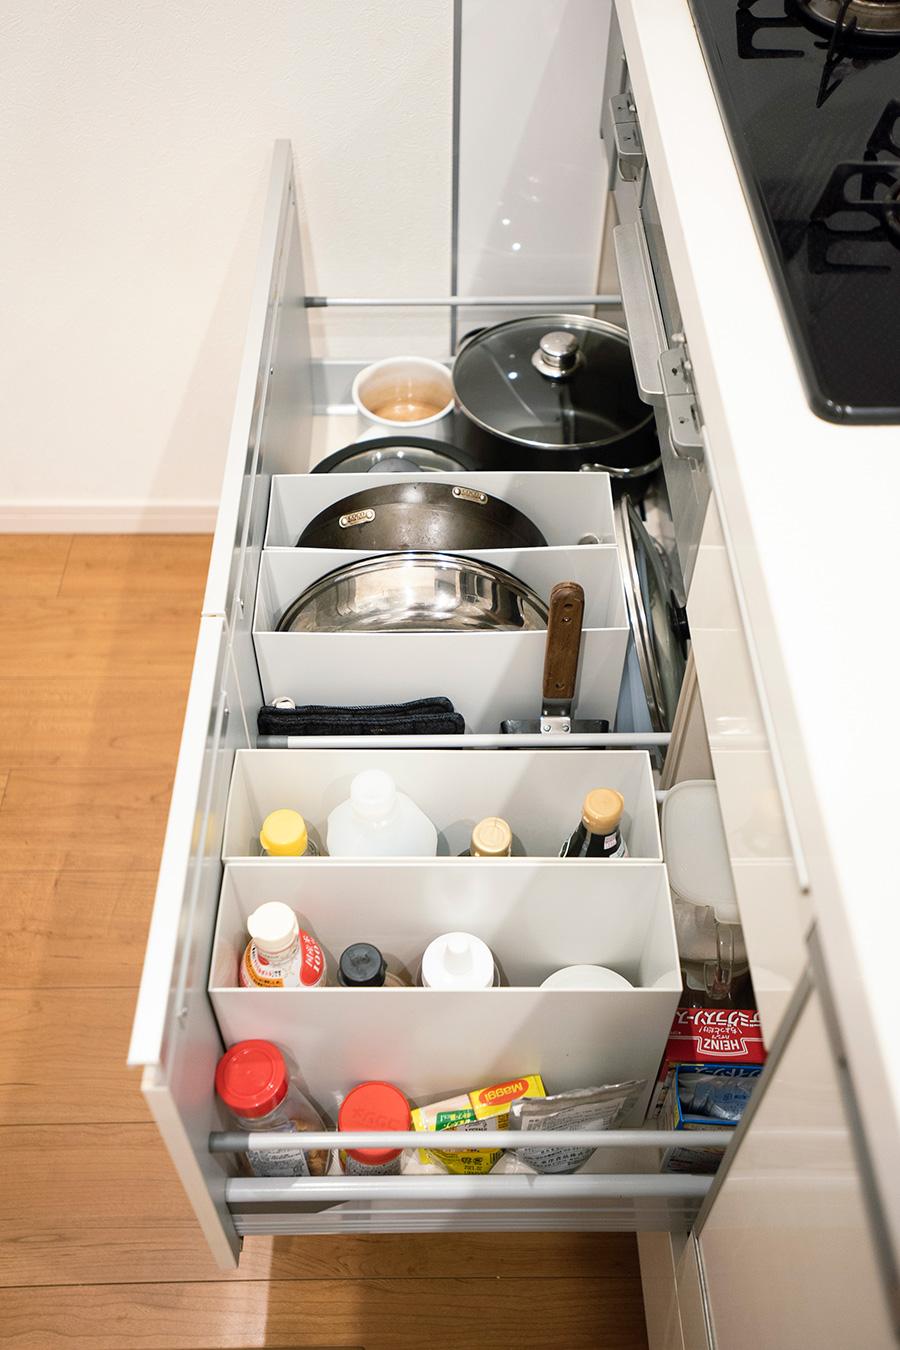 コンロ下にもファイルボックスを活用。フライパンなどの調理器具や、油などを立たせて収納することでごちゃつくのを防ぎ、かつ取り出しやすくしている。